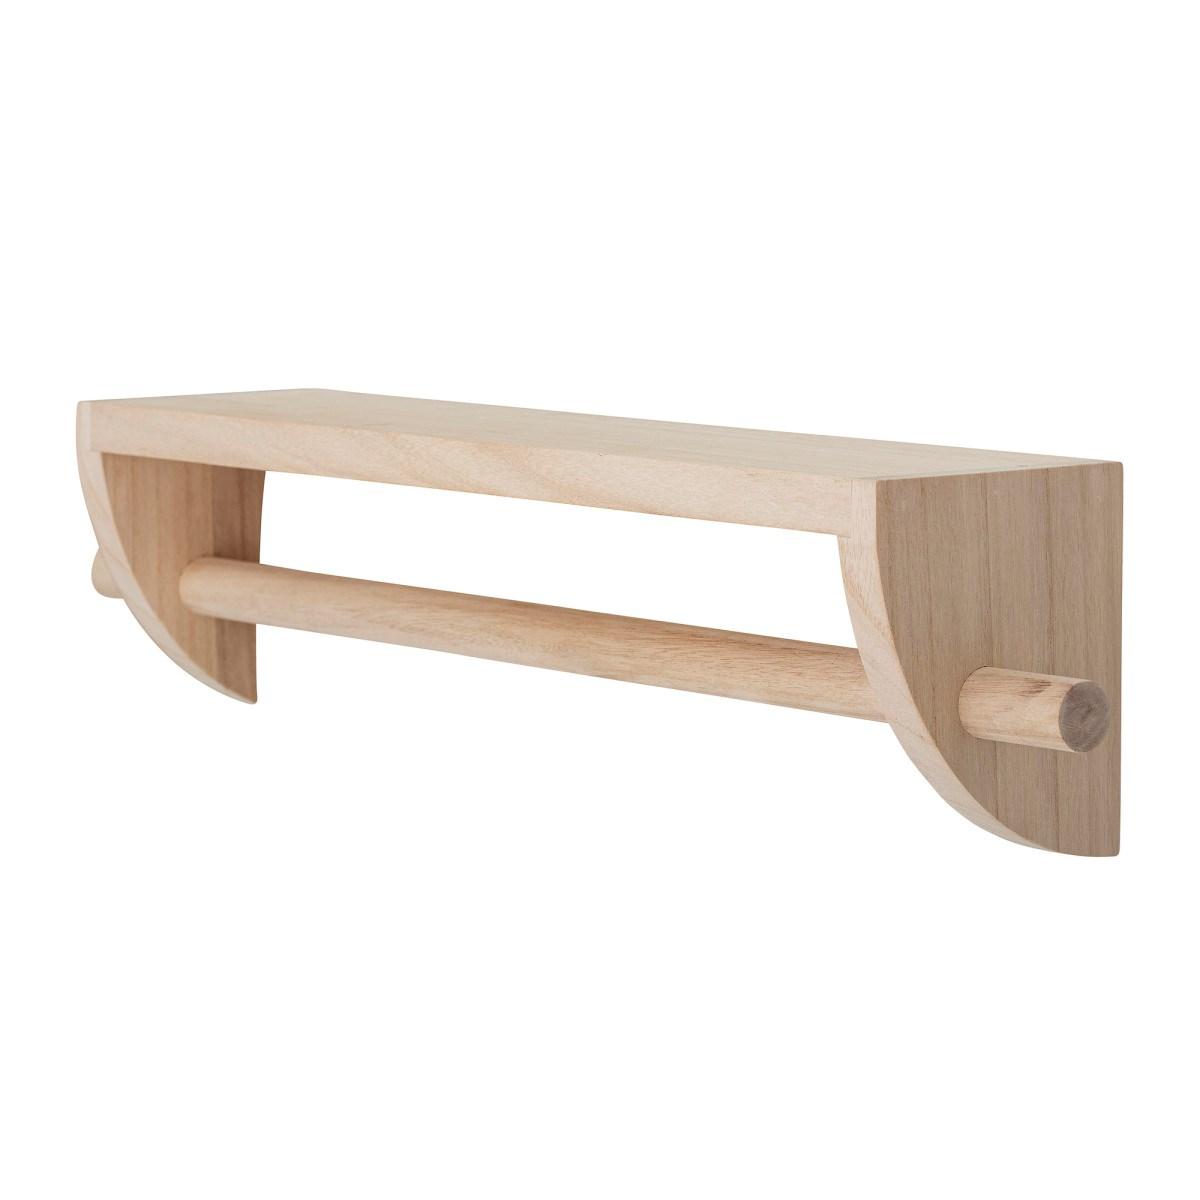 Dřevěná police / věšák Mingus 60 cm_4